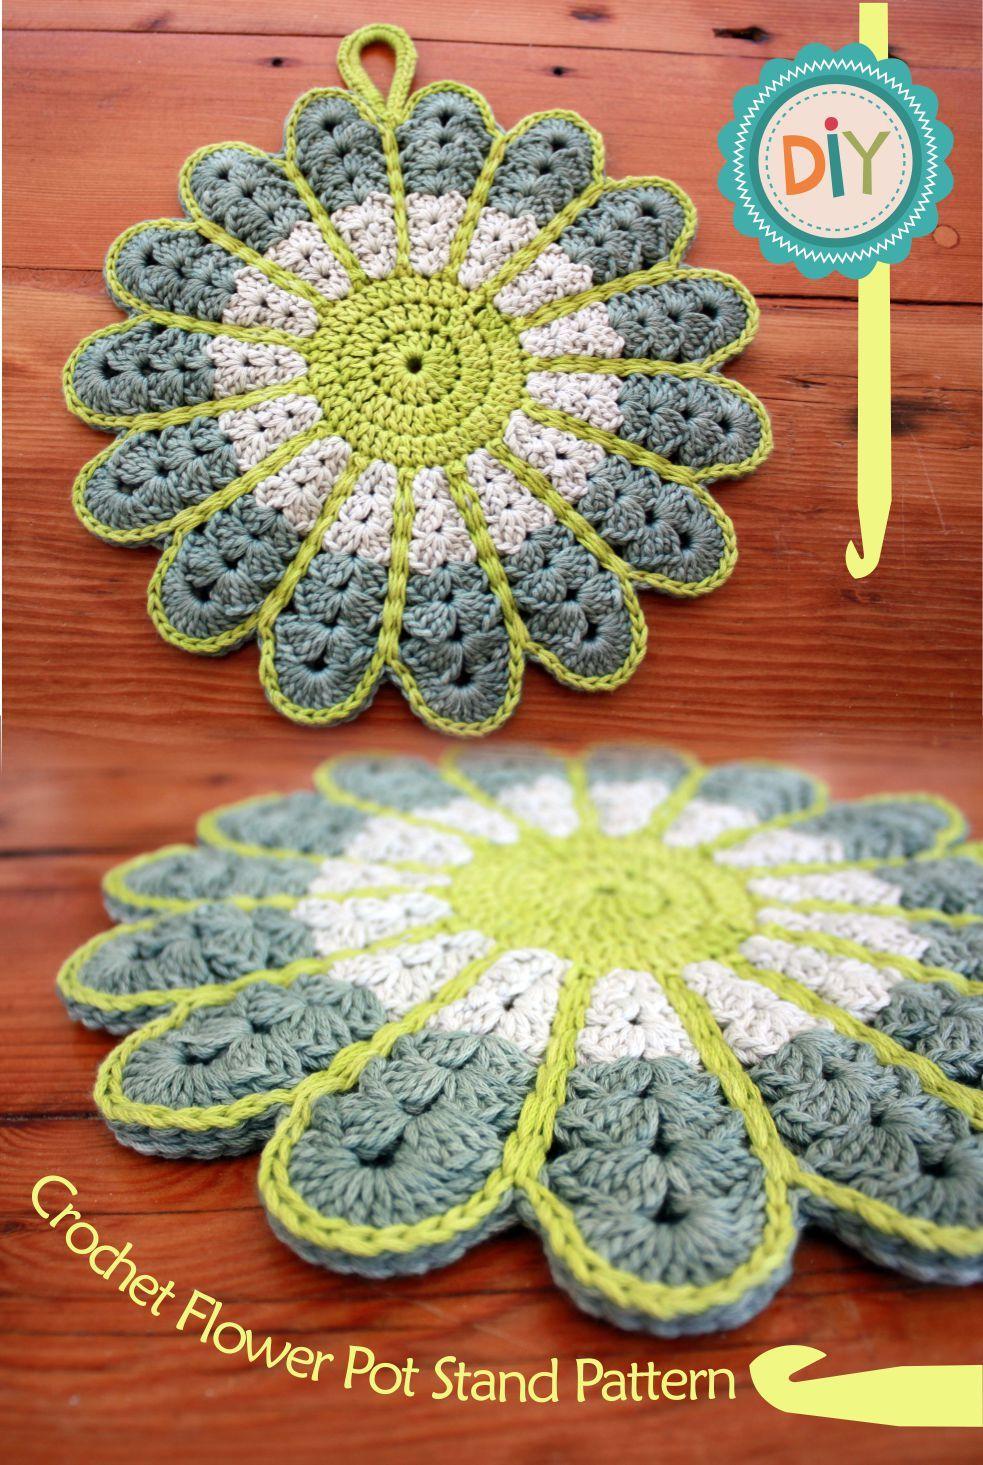 Freecrochetonpinterest crochet flower pot stand free freecrochetonpinterest crochet flower pot stand free pattern bankloansurffo Images